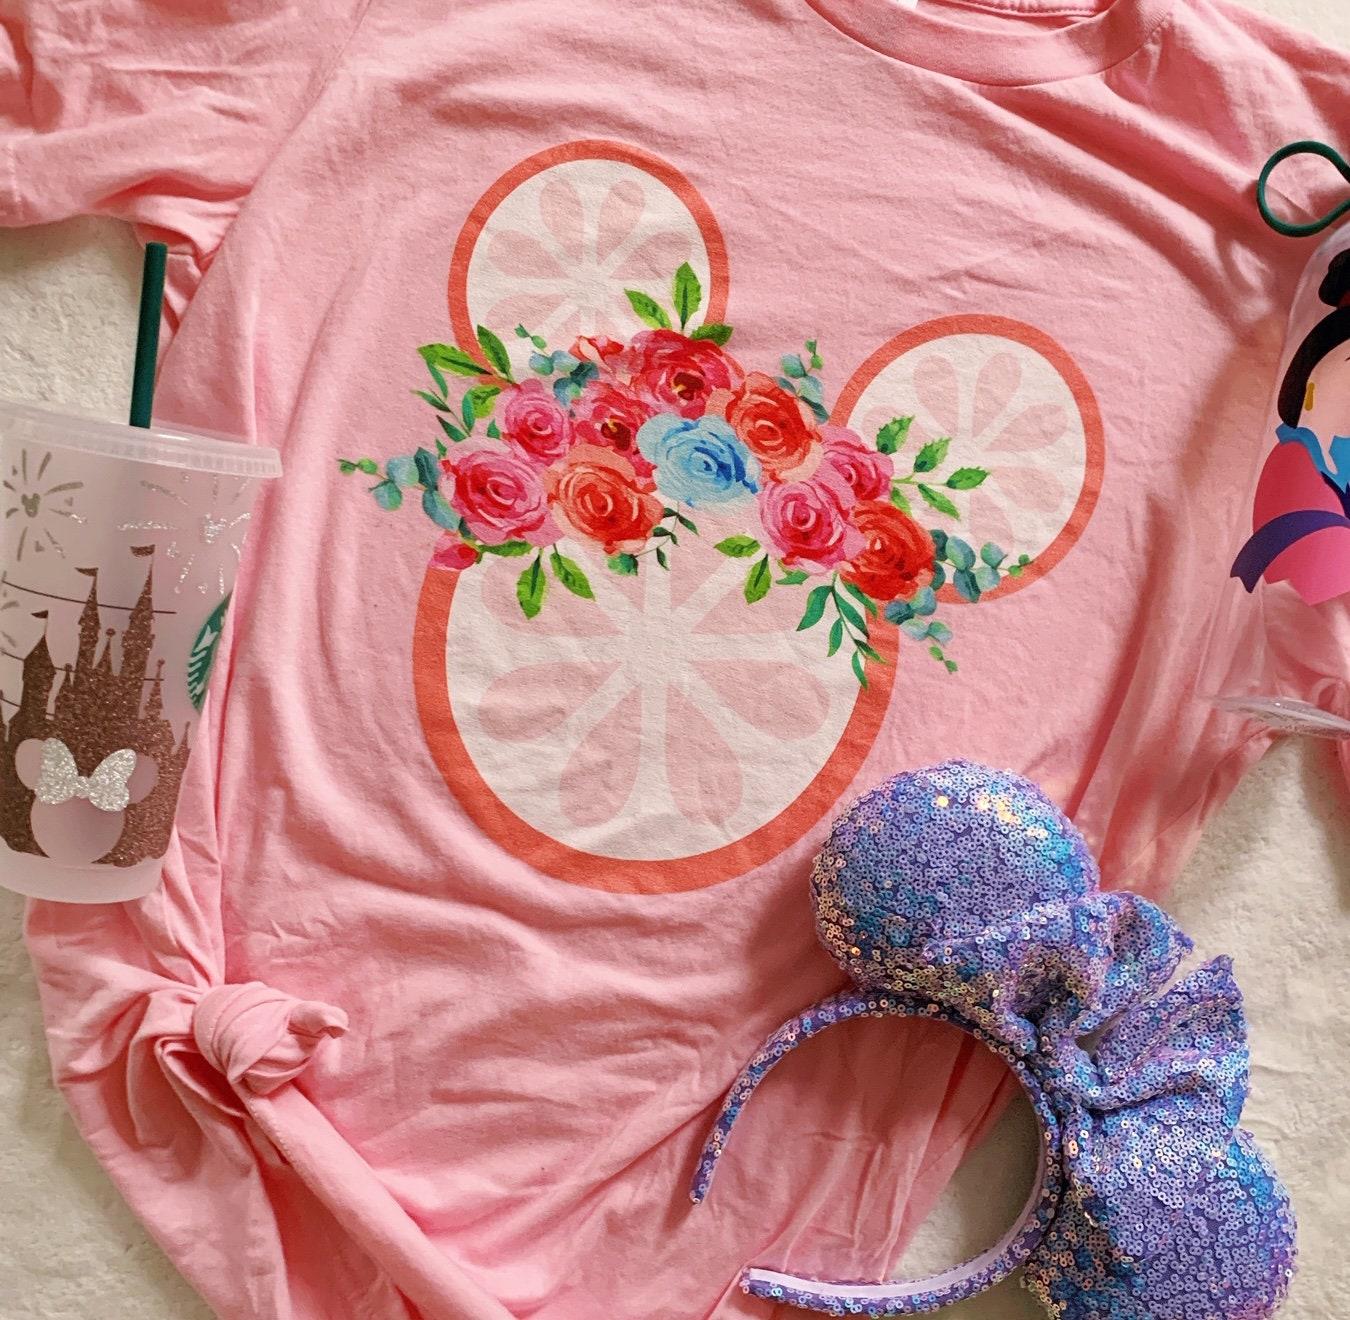 flower and garden show t-shirt, grapefruit, disney world